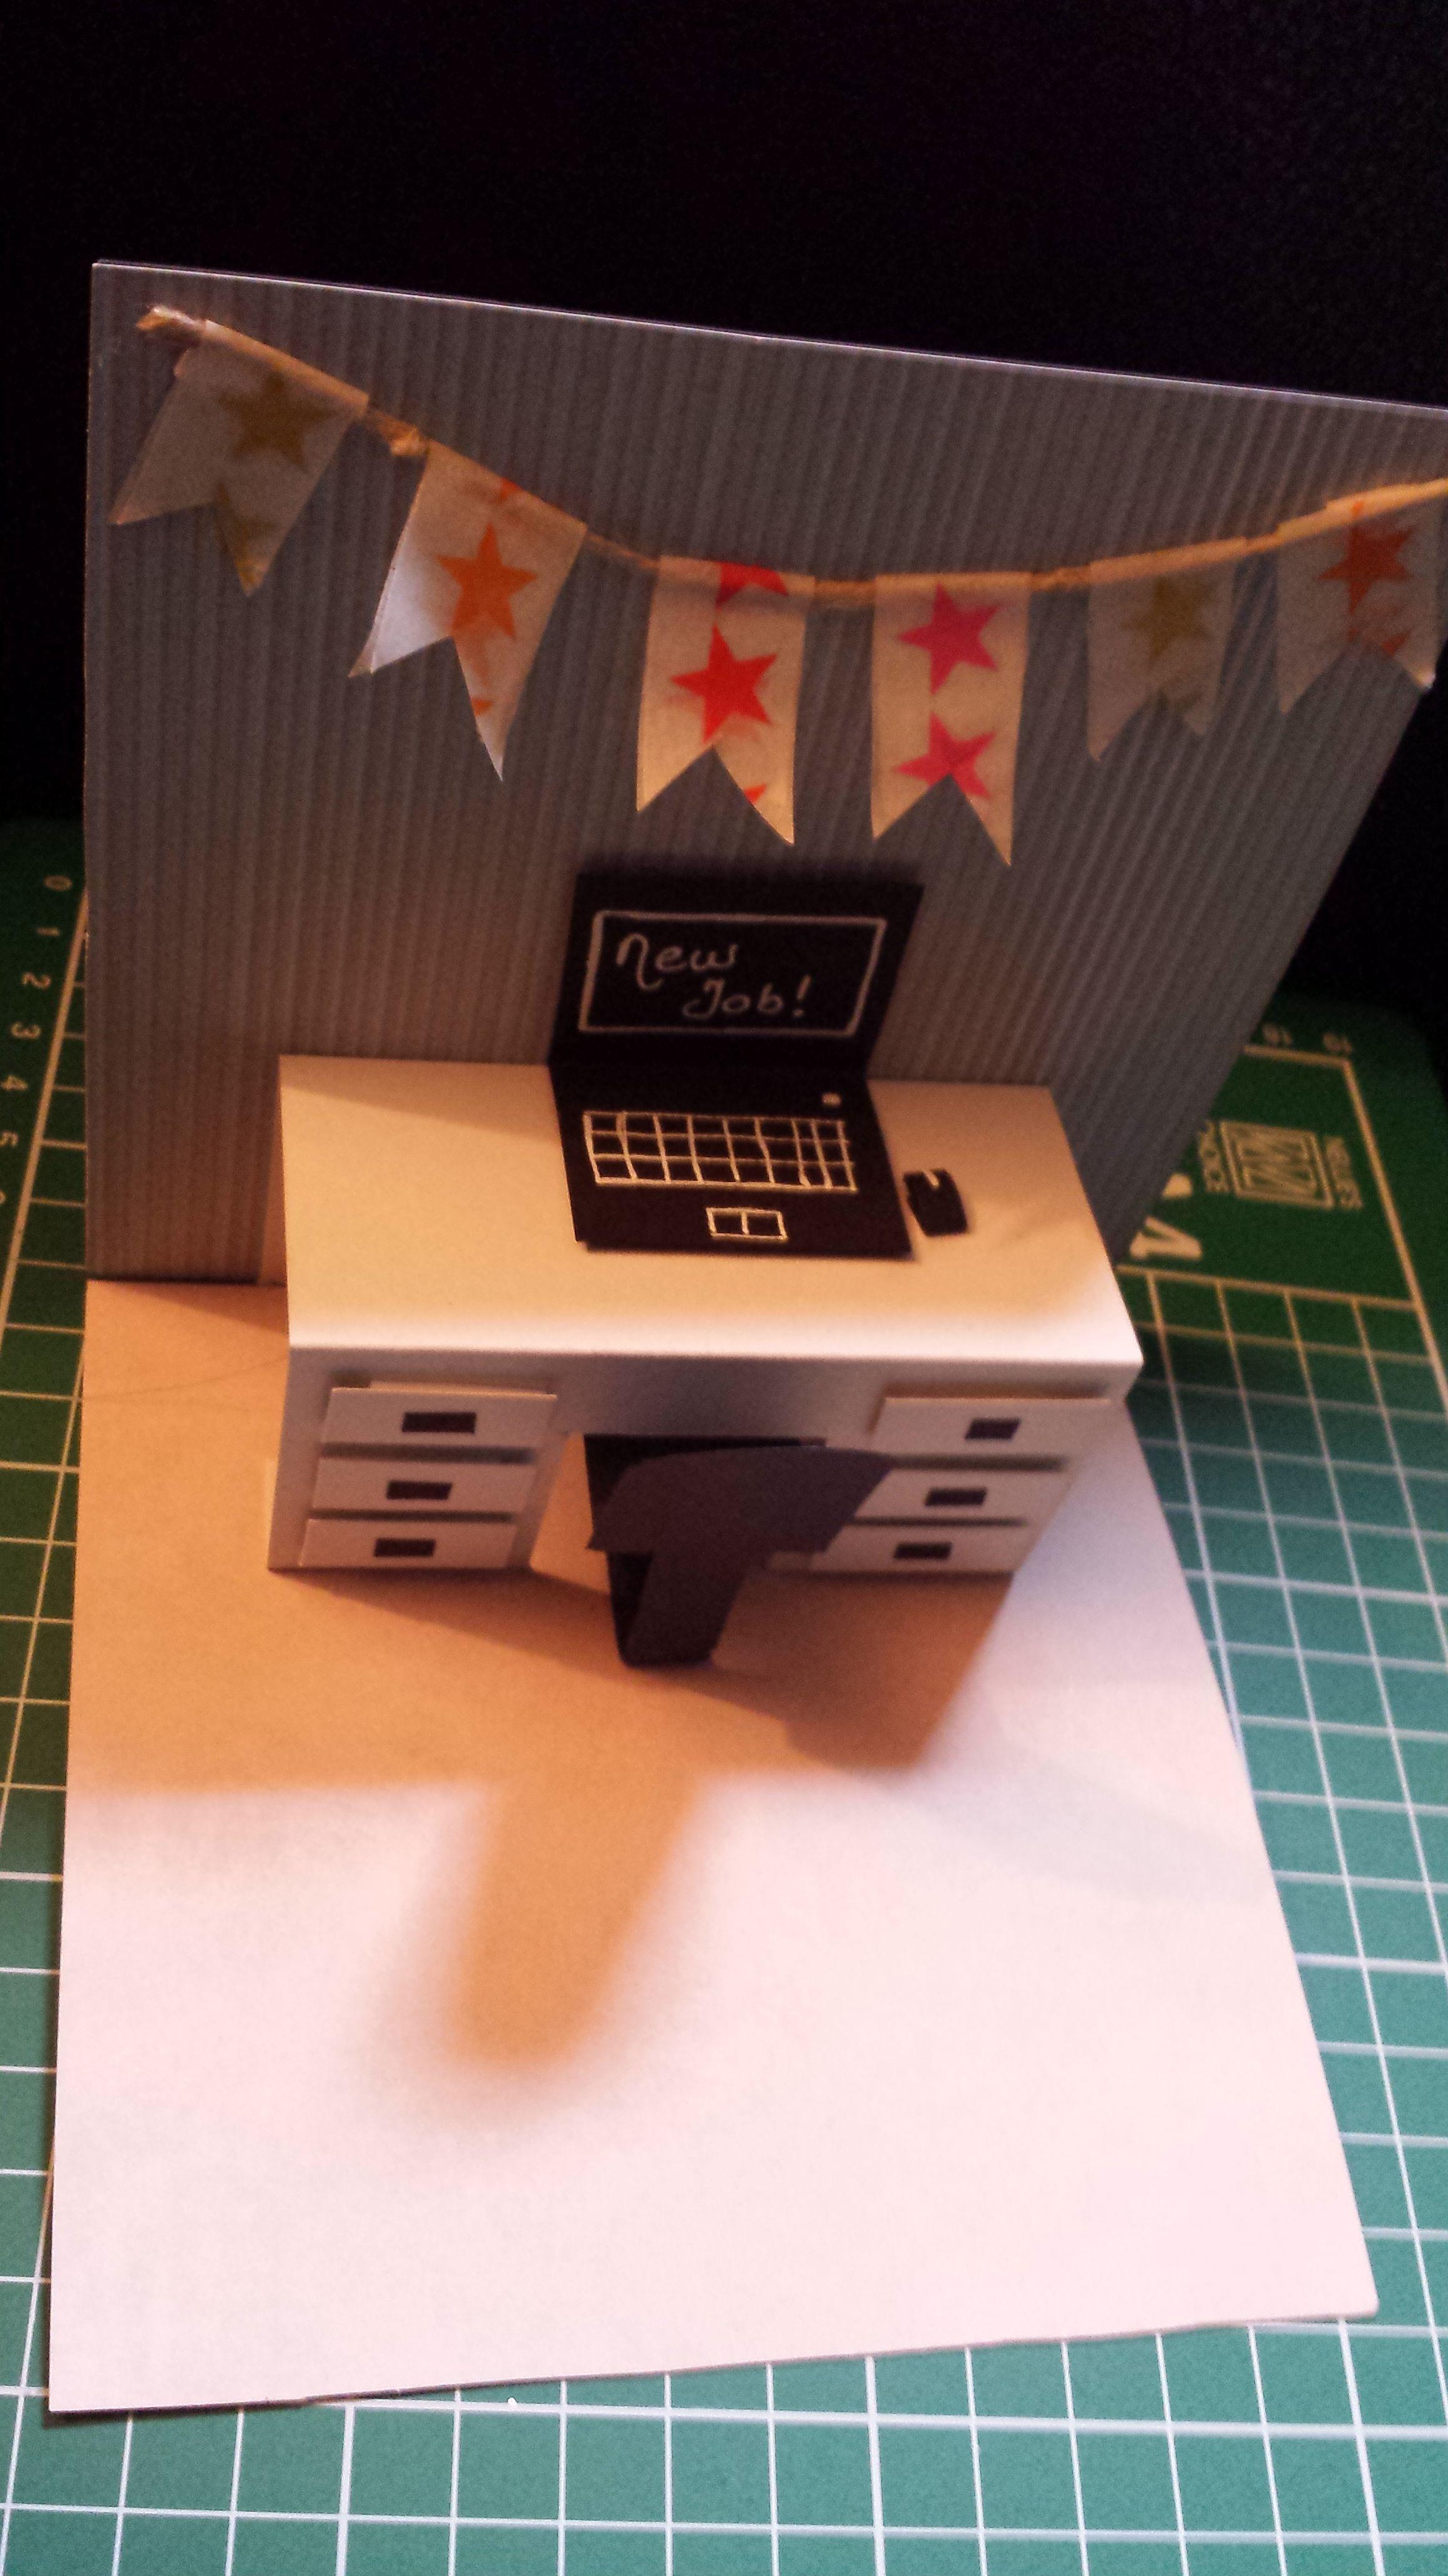 Scrapbook ideas pop up - Pop Up Desk Card New Job